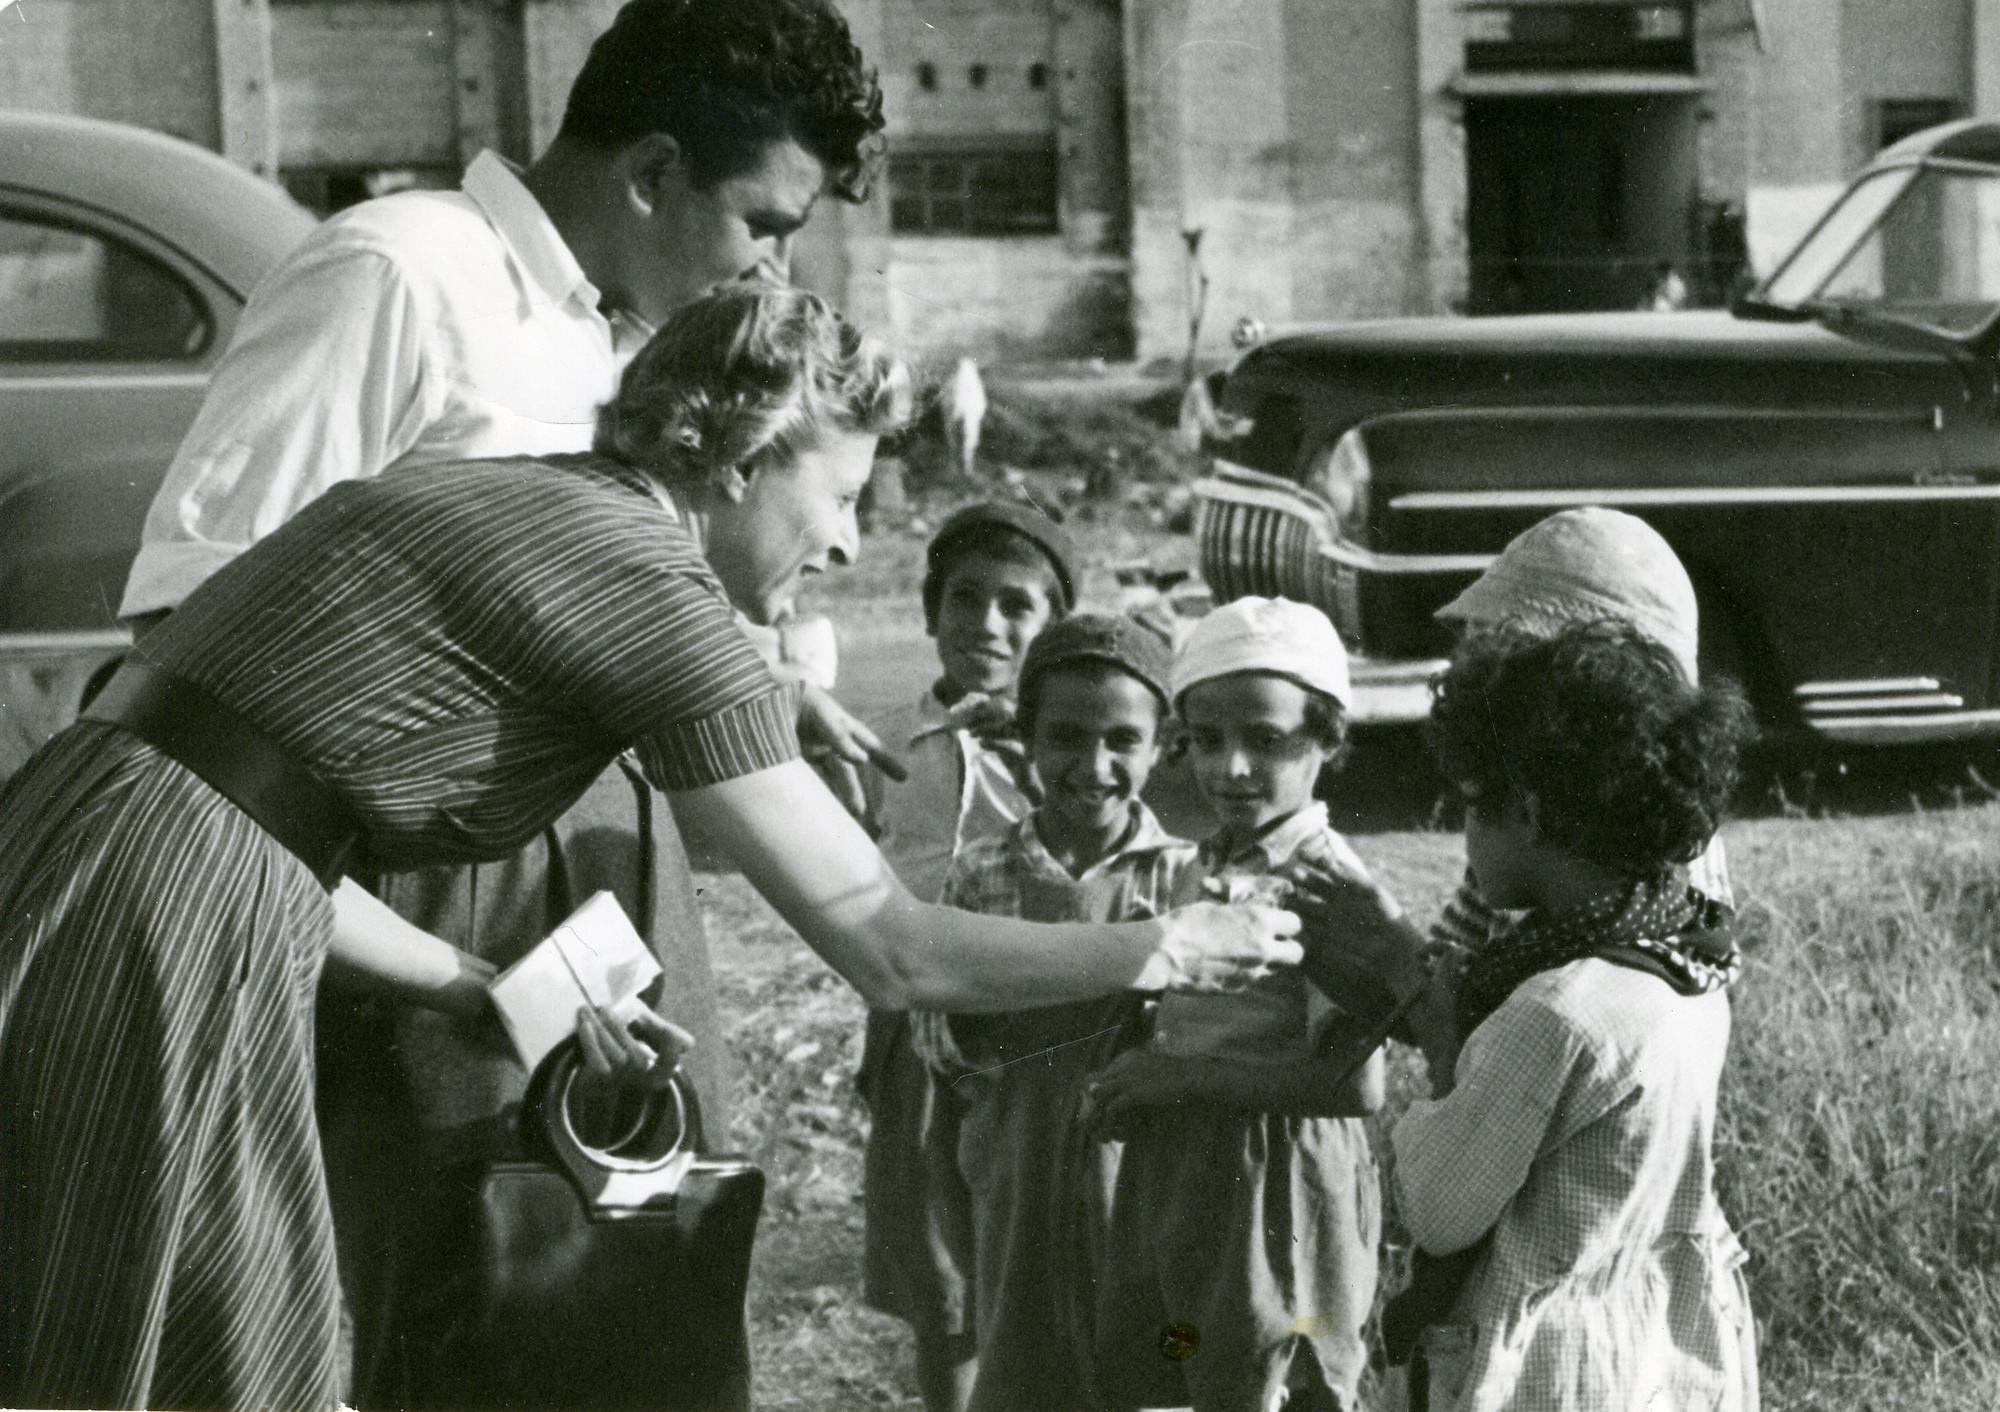 1948-1950 image